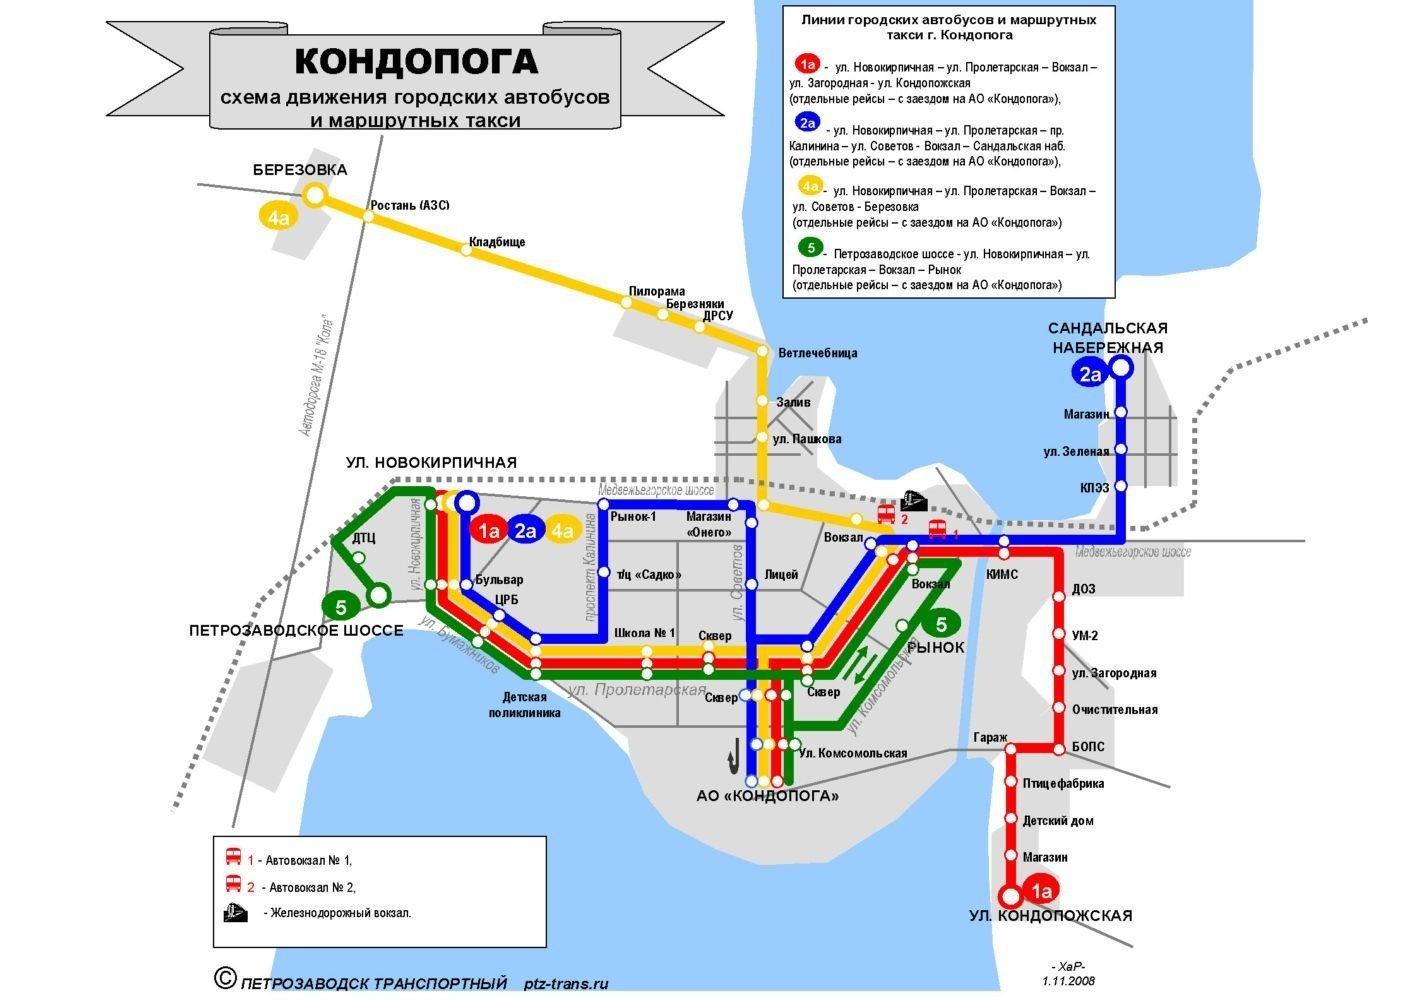 Схема маршрутных такси г. Ярославля.